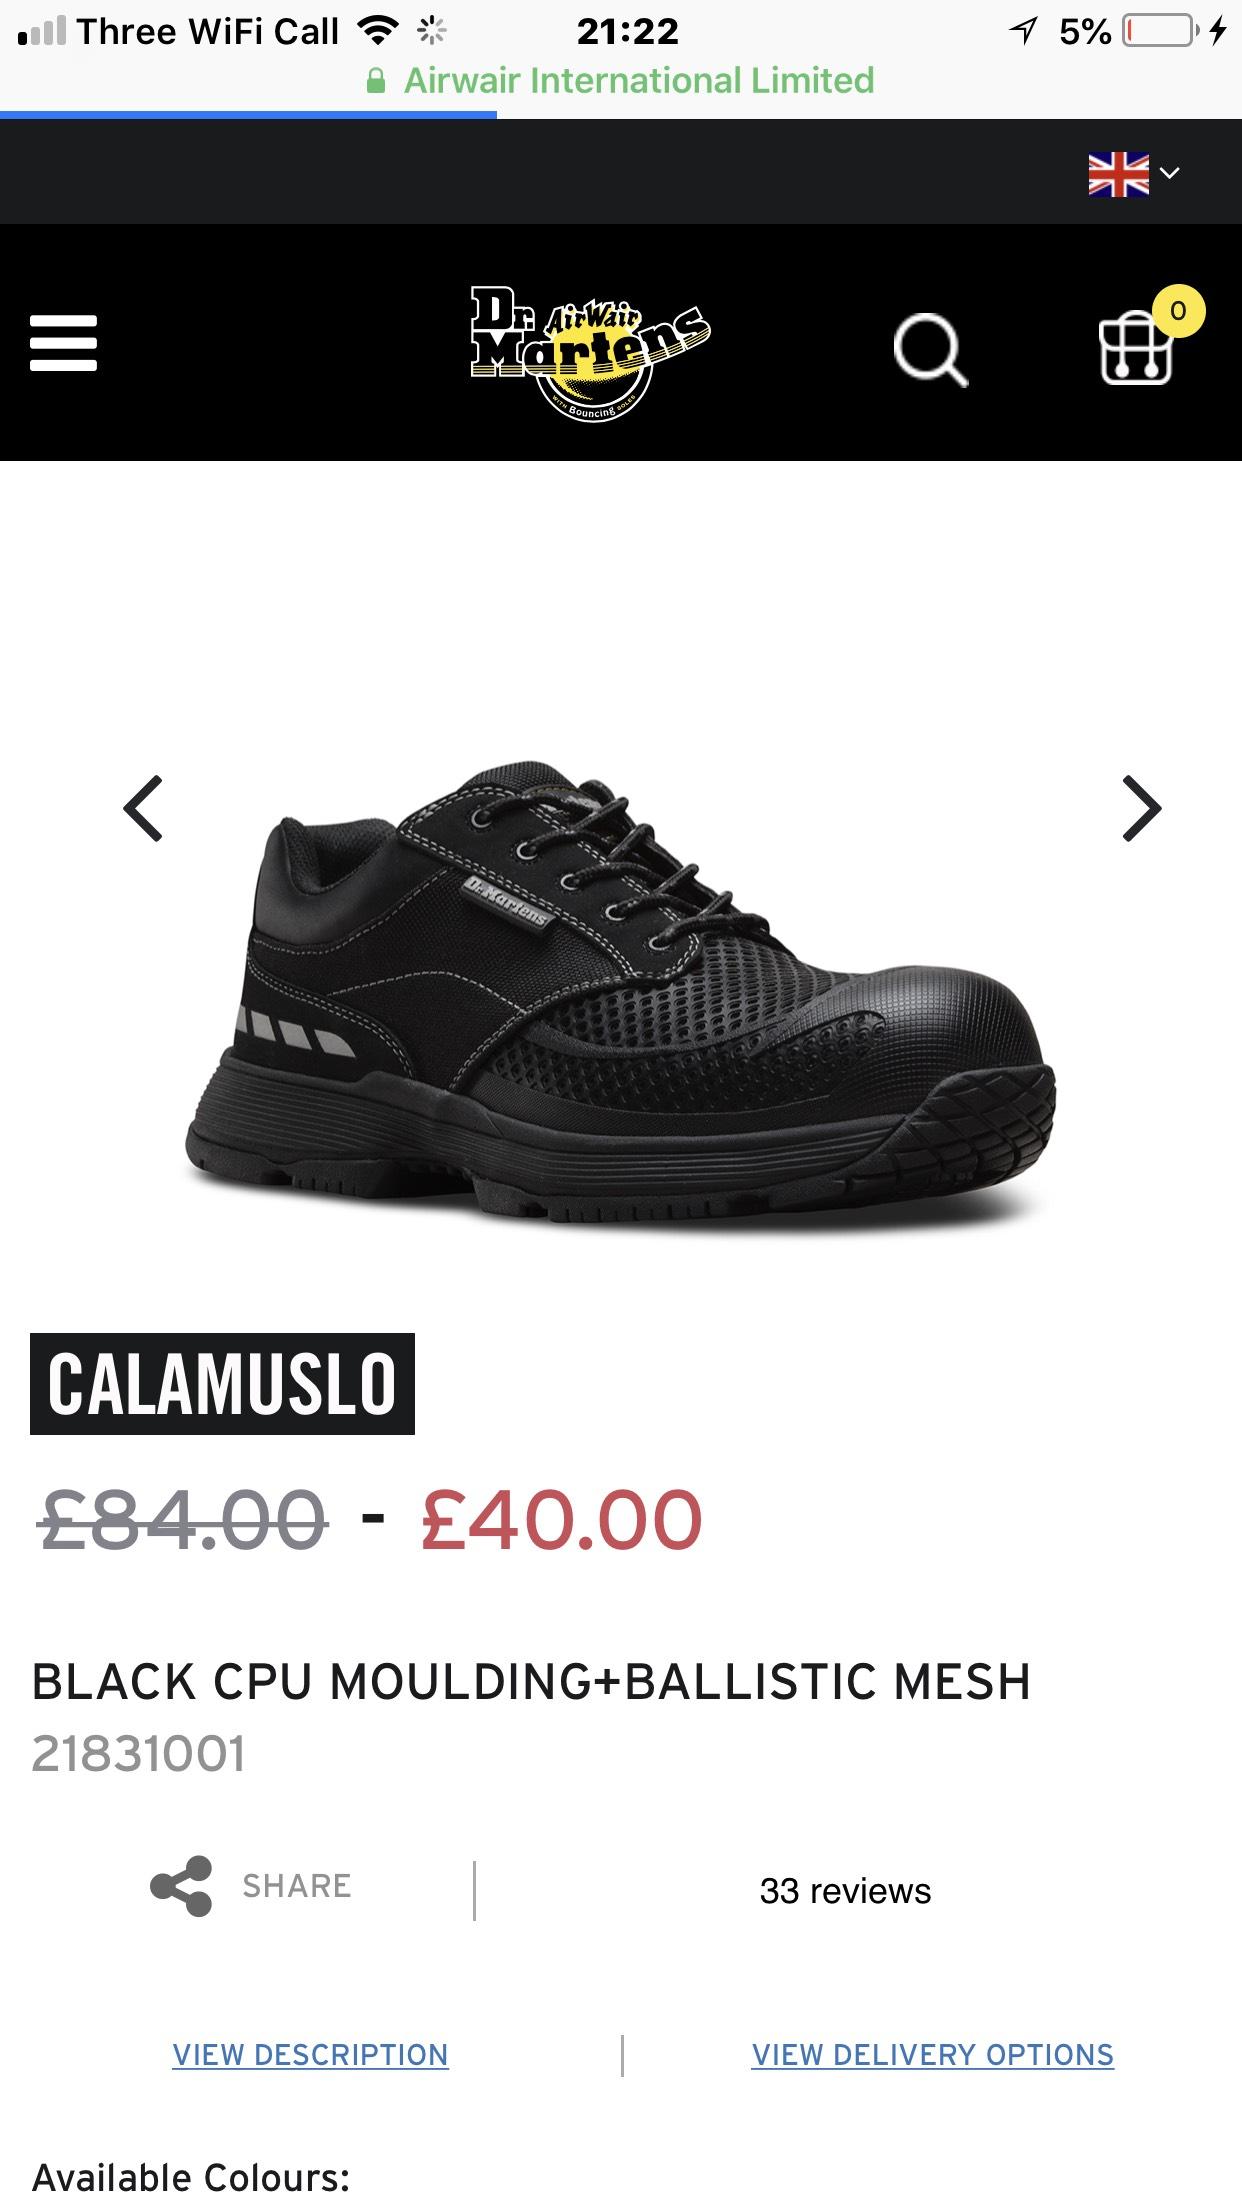 Dr martens BLACK CPU MOULDING+BALLISTIC - £40 @ Dr Martens (+£3.95 P&P)